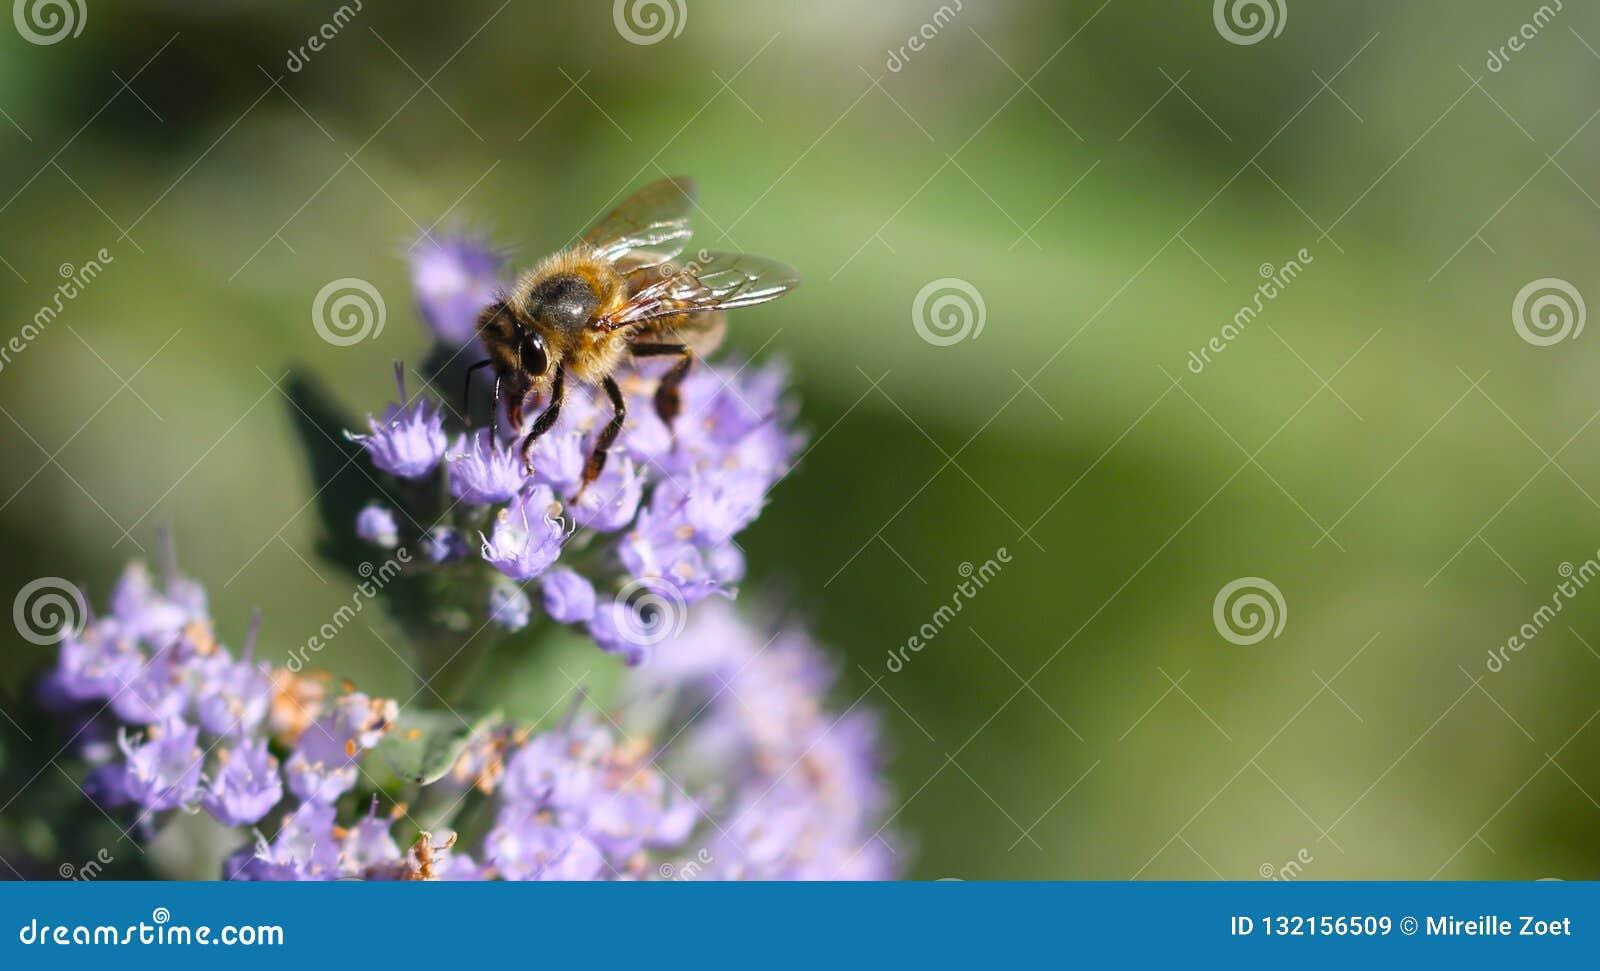 Bee working hard in garden